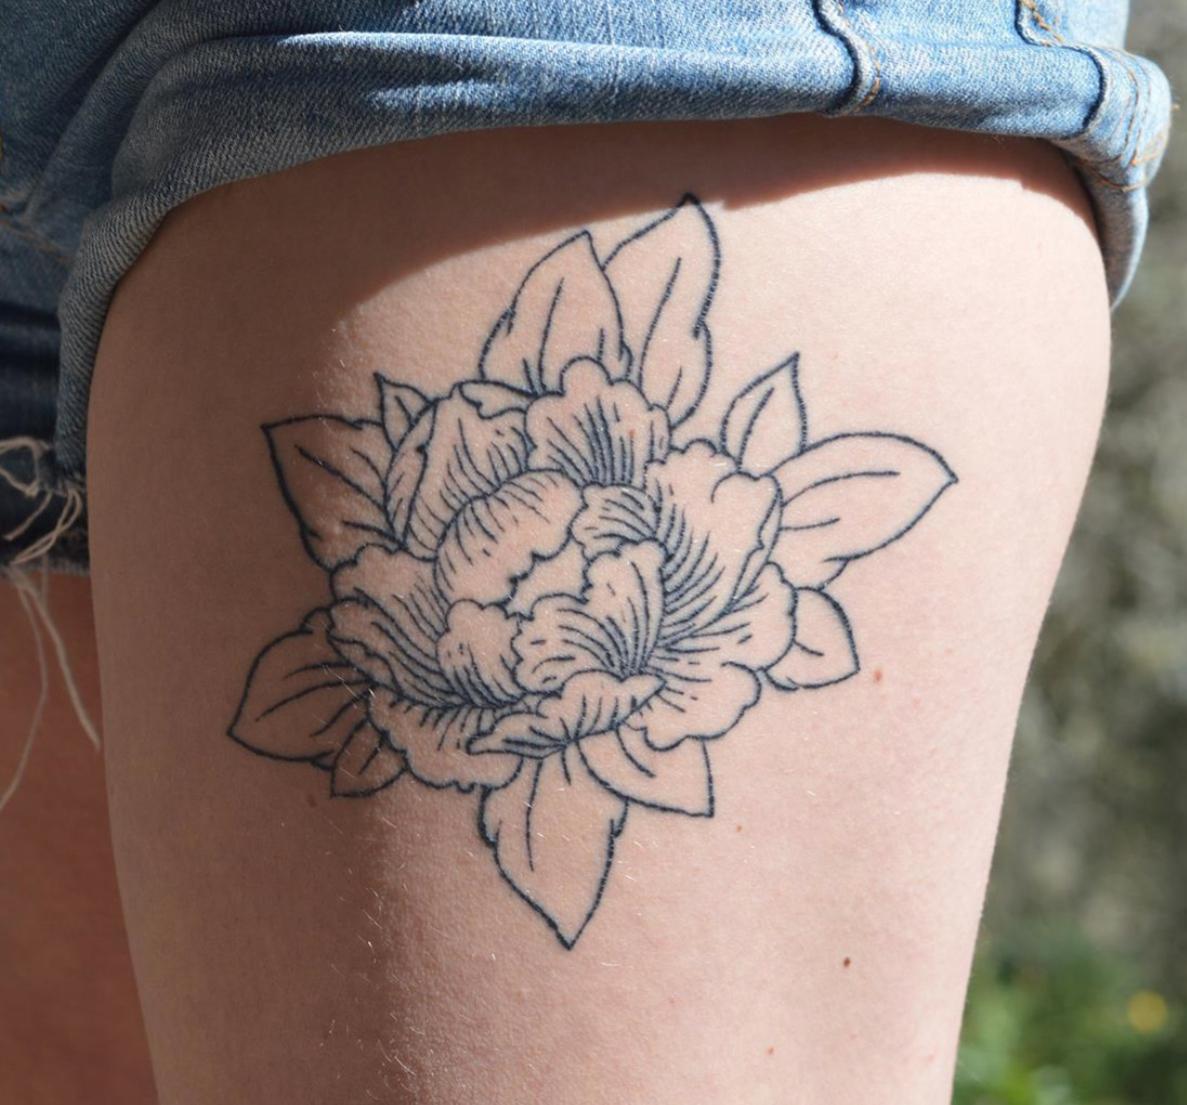 Detalle de tatuaje realizado por Juana Silva